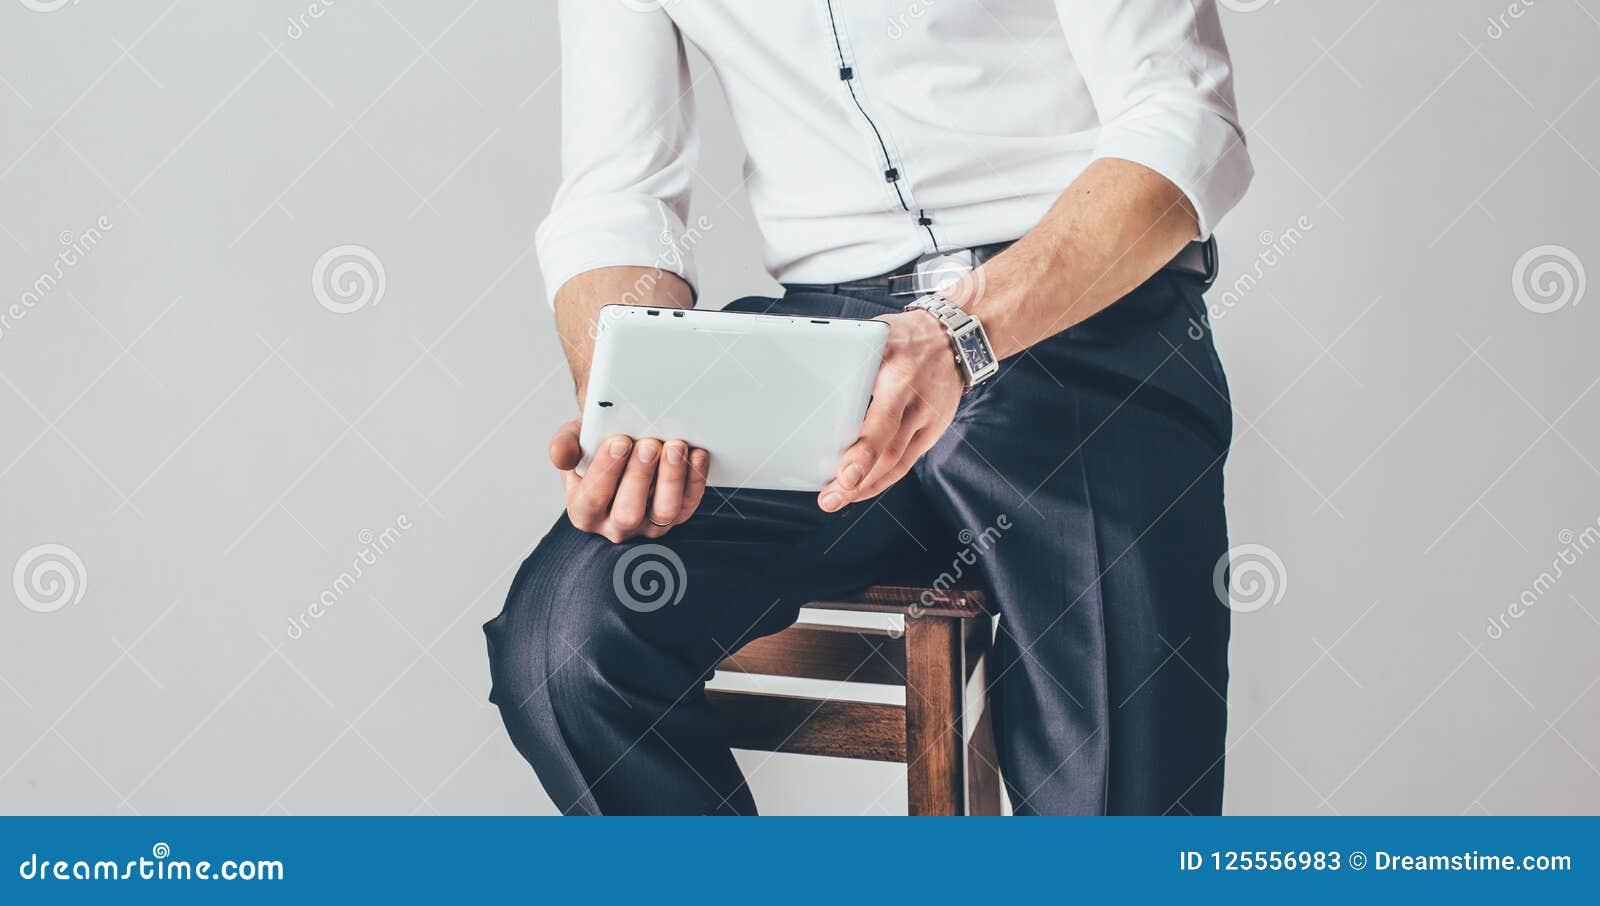 Der Mann hält eine Tablette in seinen Händen auf dem weißen Hintergrund Er sitzt auf einem Stuhl, der in einem schicken weißen He